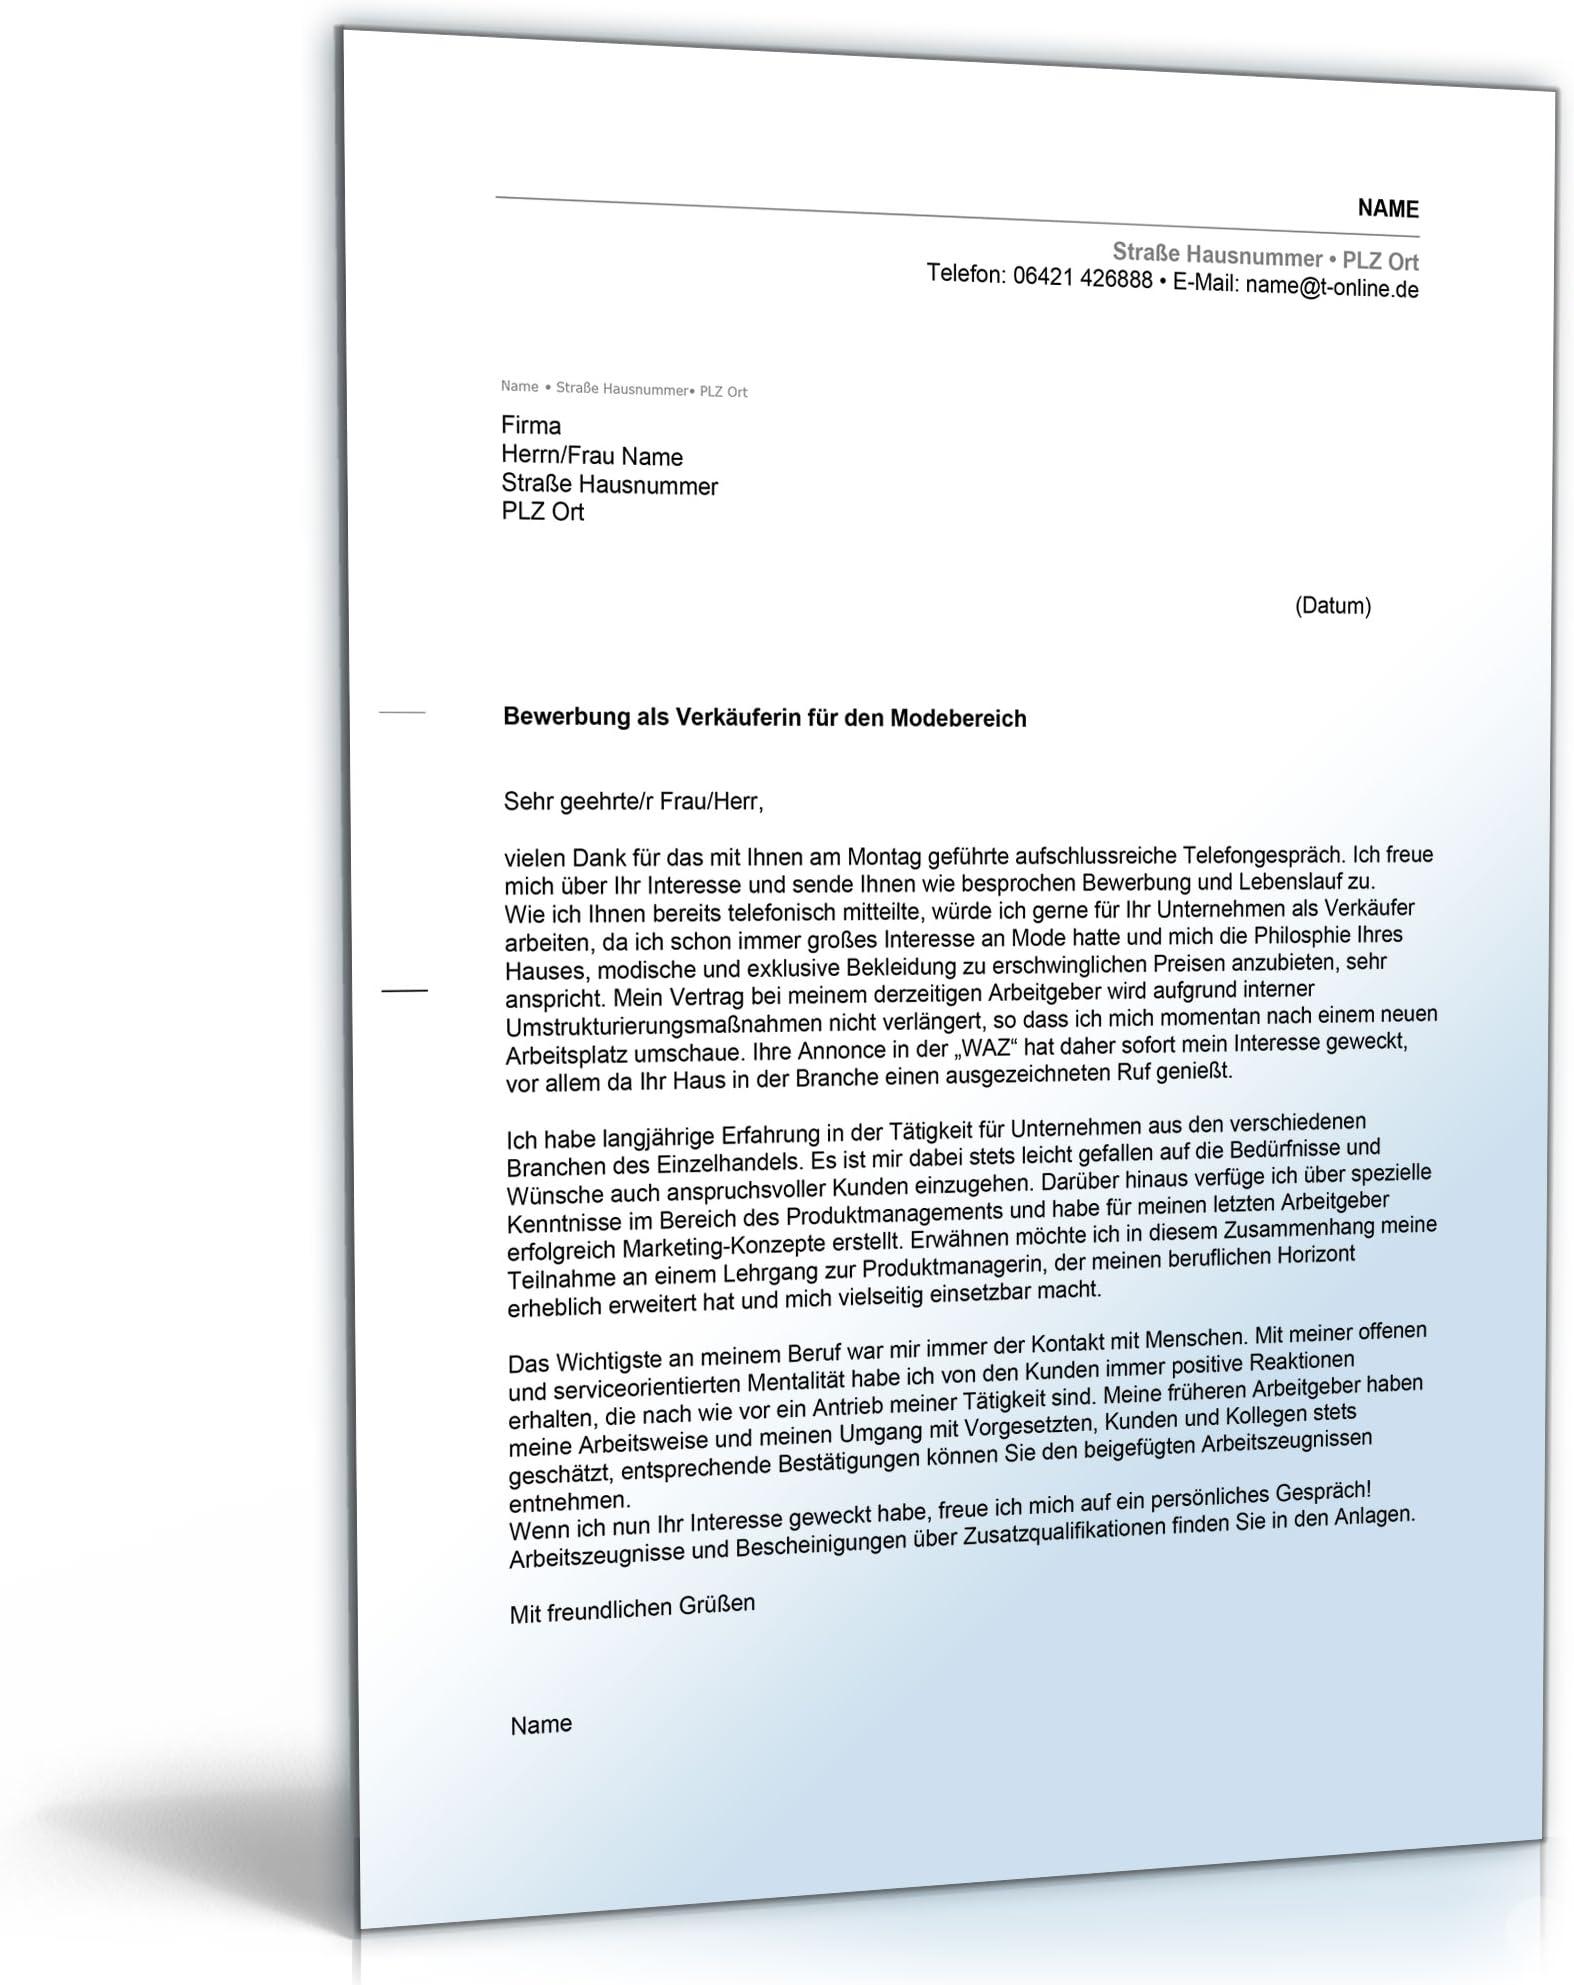 Anschreiben Bewerbung Verkaufer Word Dokument